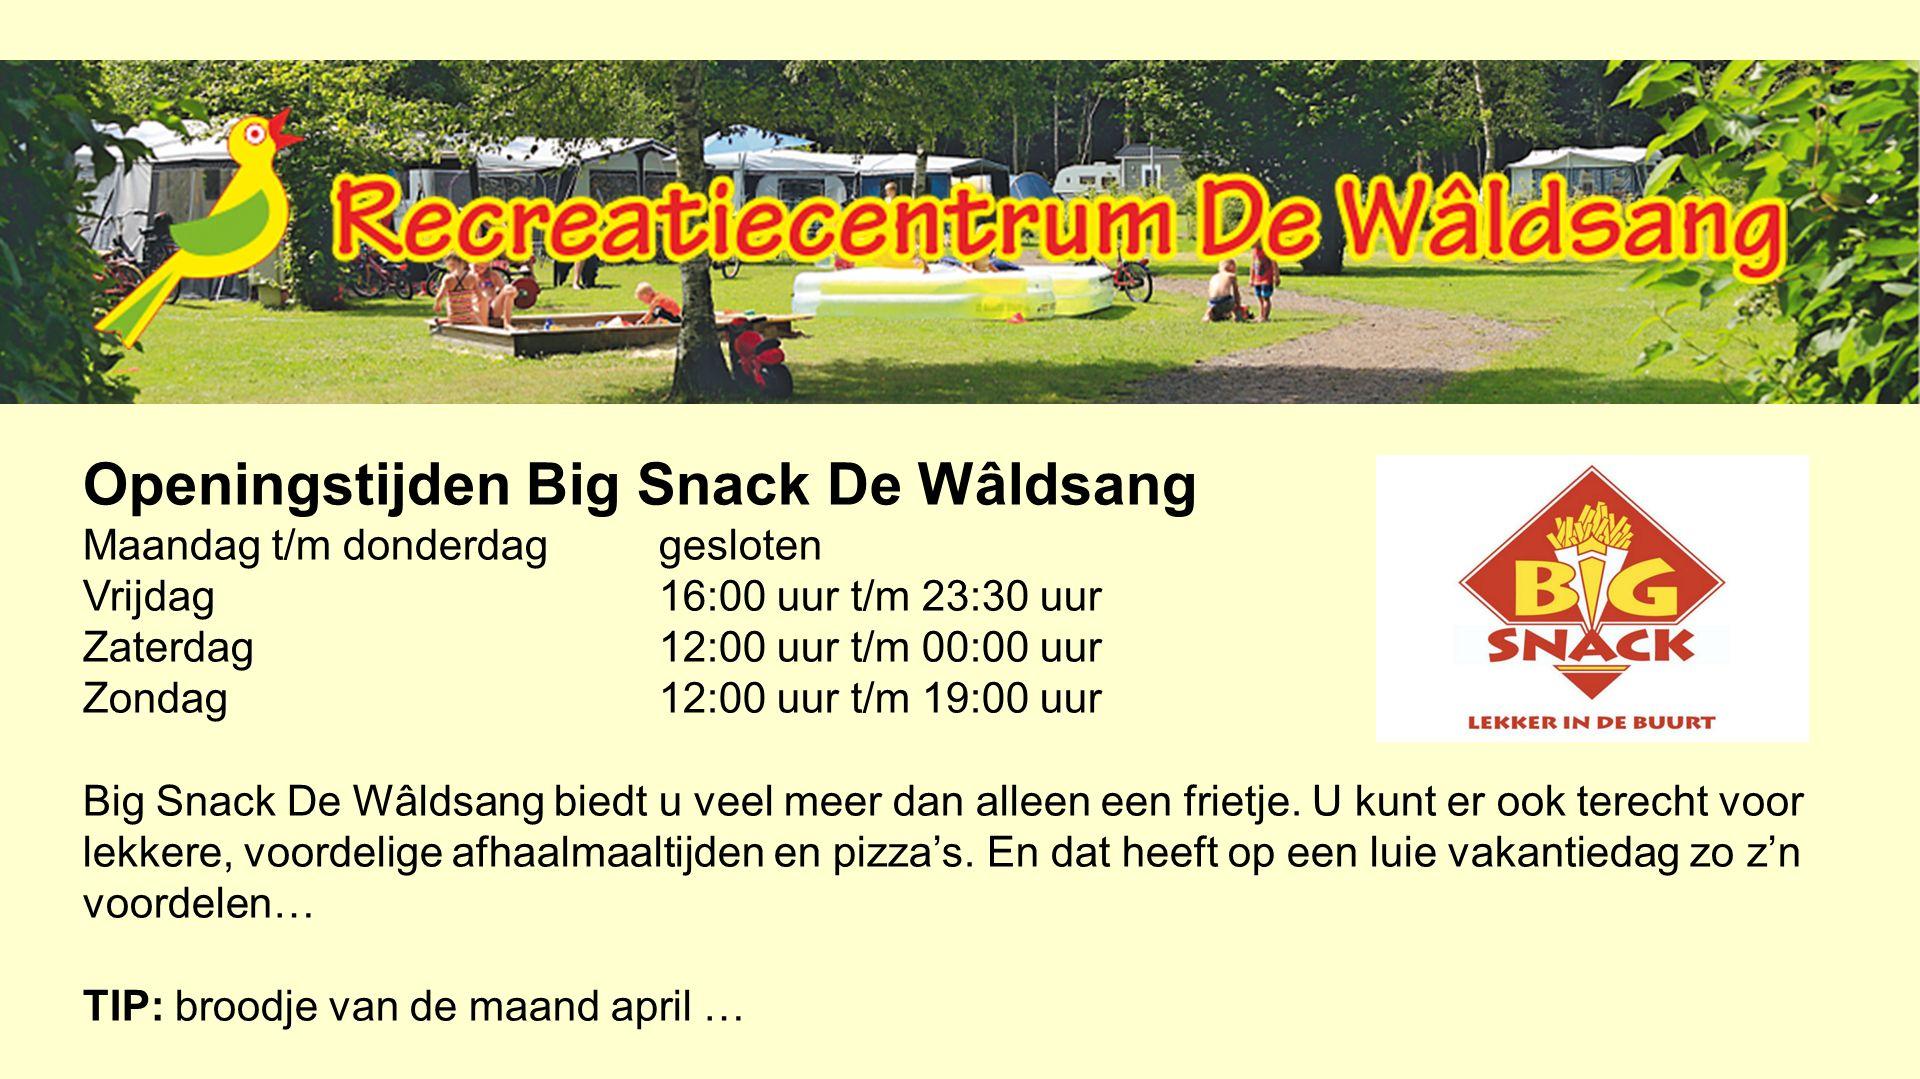 Openingstijden Big Snack De Wâldsang Maandag t/m donderdaggesloten Vrijdag 16:00 uur t/m 23:30 uur Zaterdag12:00 uur t/m 00:00 uur Zondag 12:00 uur t/m 19:00 uur Big Snack De Wâldsang biedt u veel meer dan alleen een frietje.